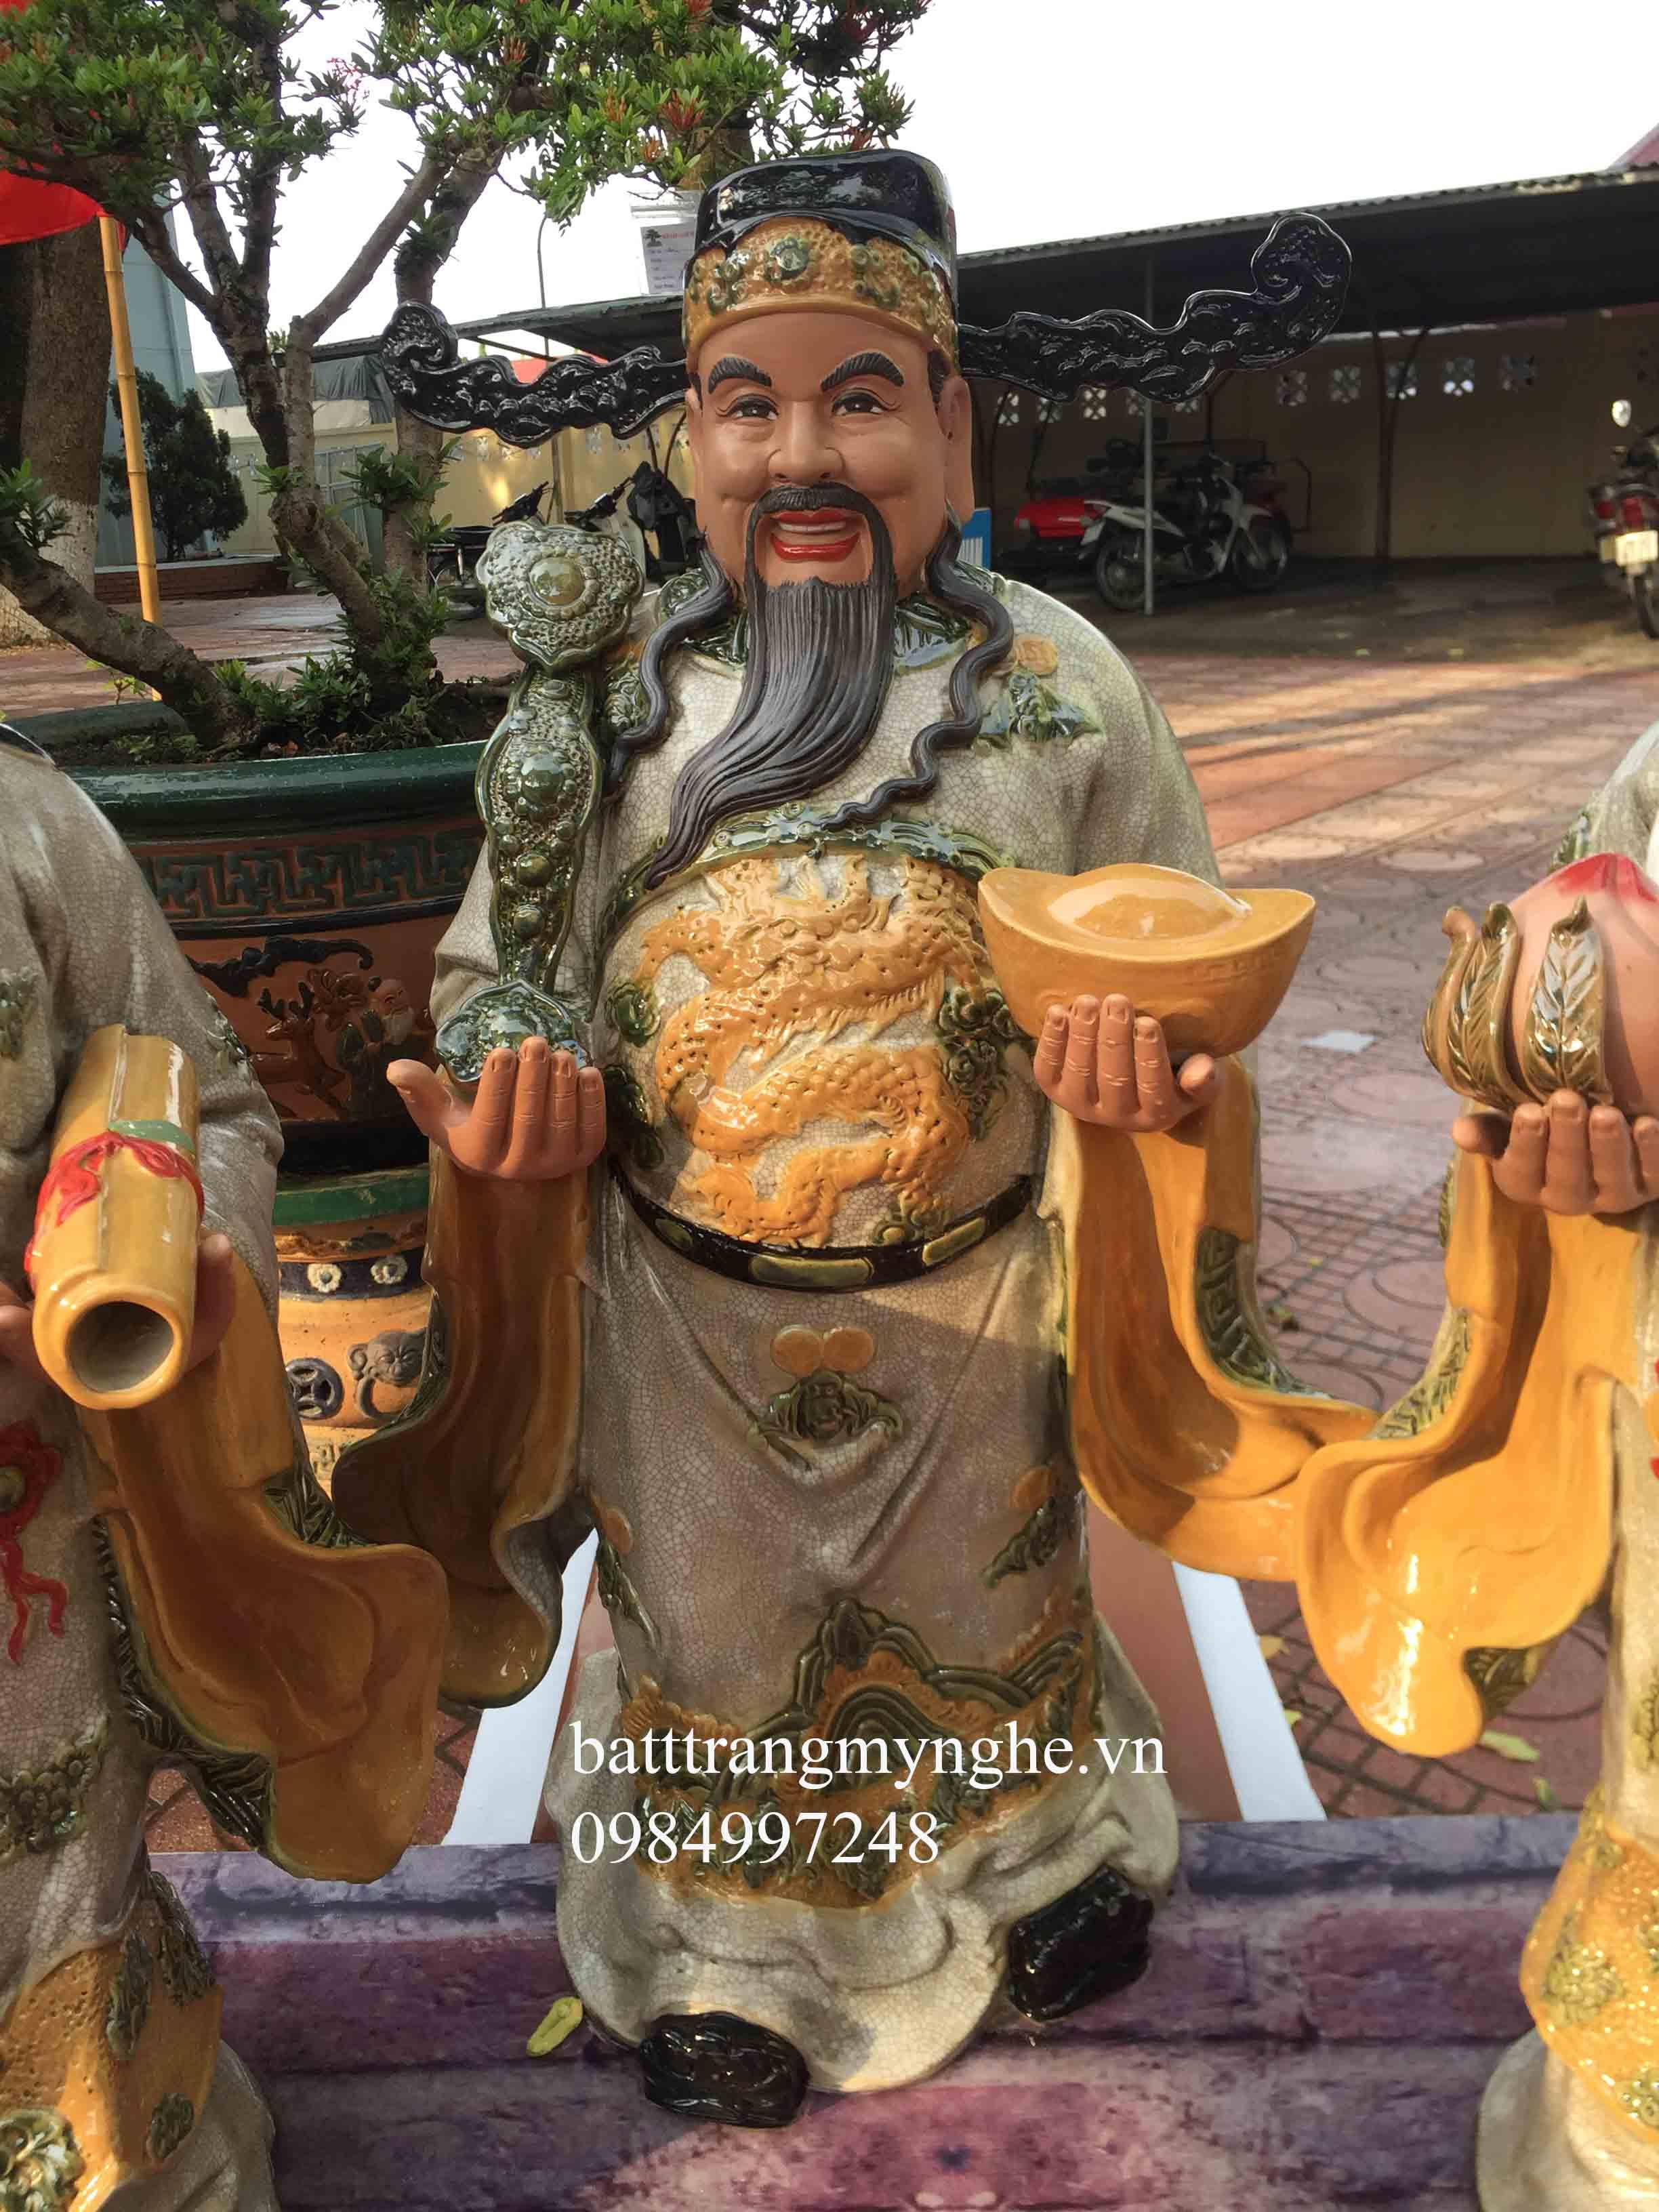 Tượng Tam Đa Tứ Linh Hội Tụ  - Cao 86 cm, rộng 38cm men rạn cổ